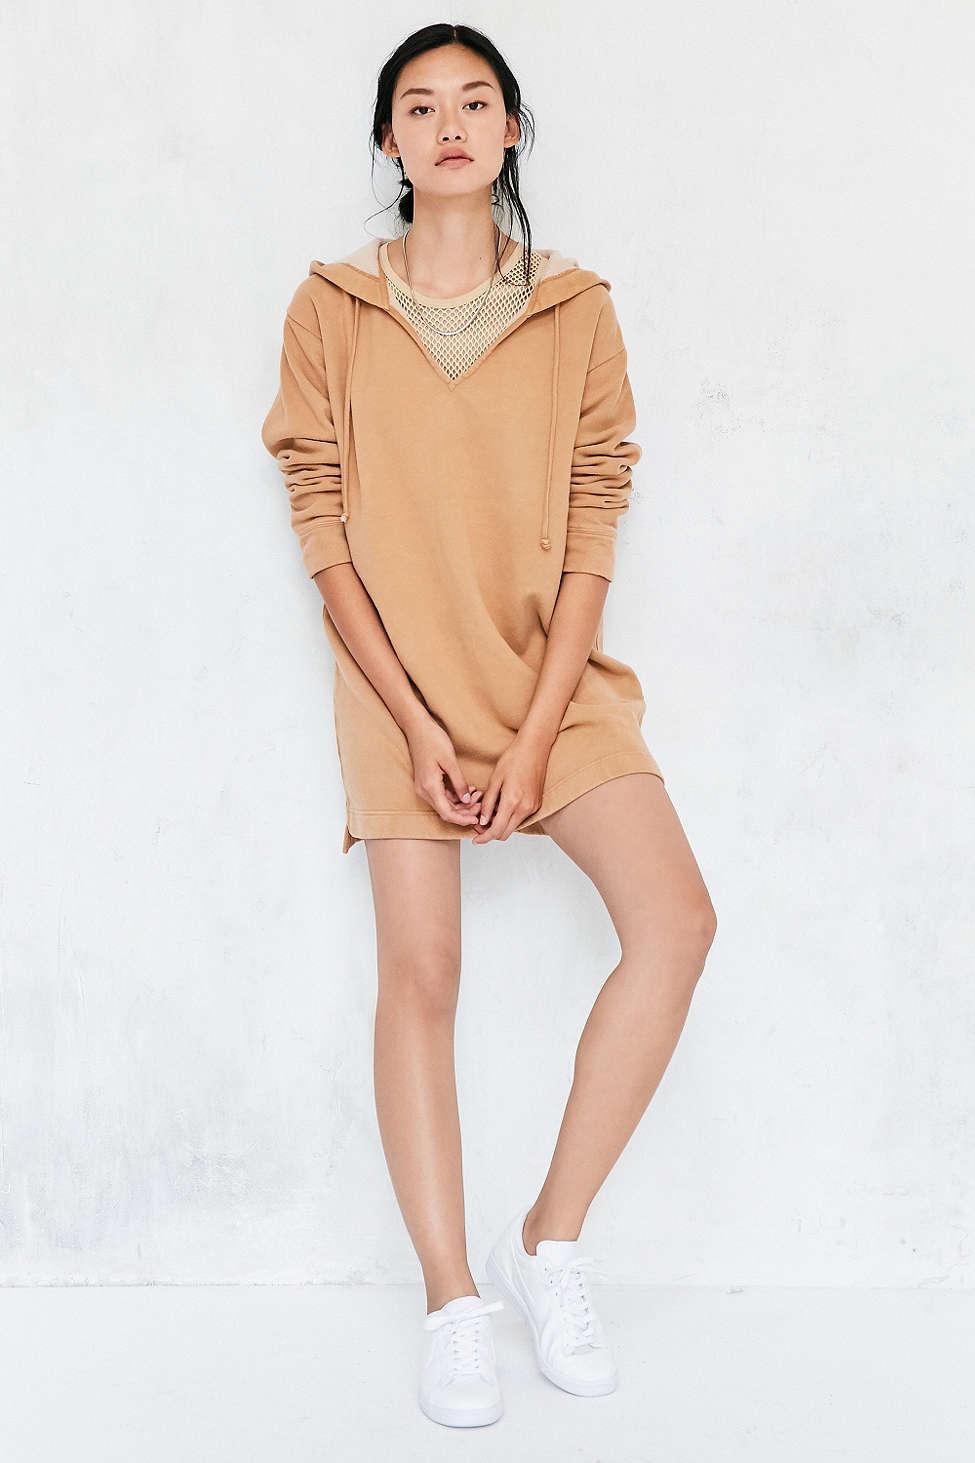 o-tan-dress-a-white-shoe-sneakers-pony-sweater-wear-style-fashion-fall-winter-brunette-weekend.jpg